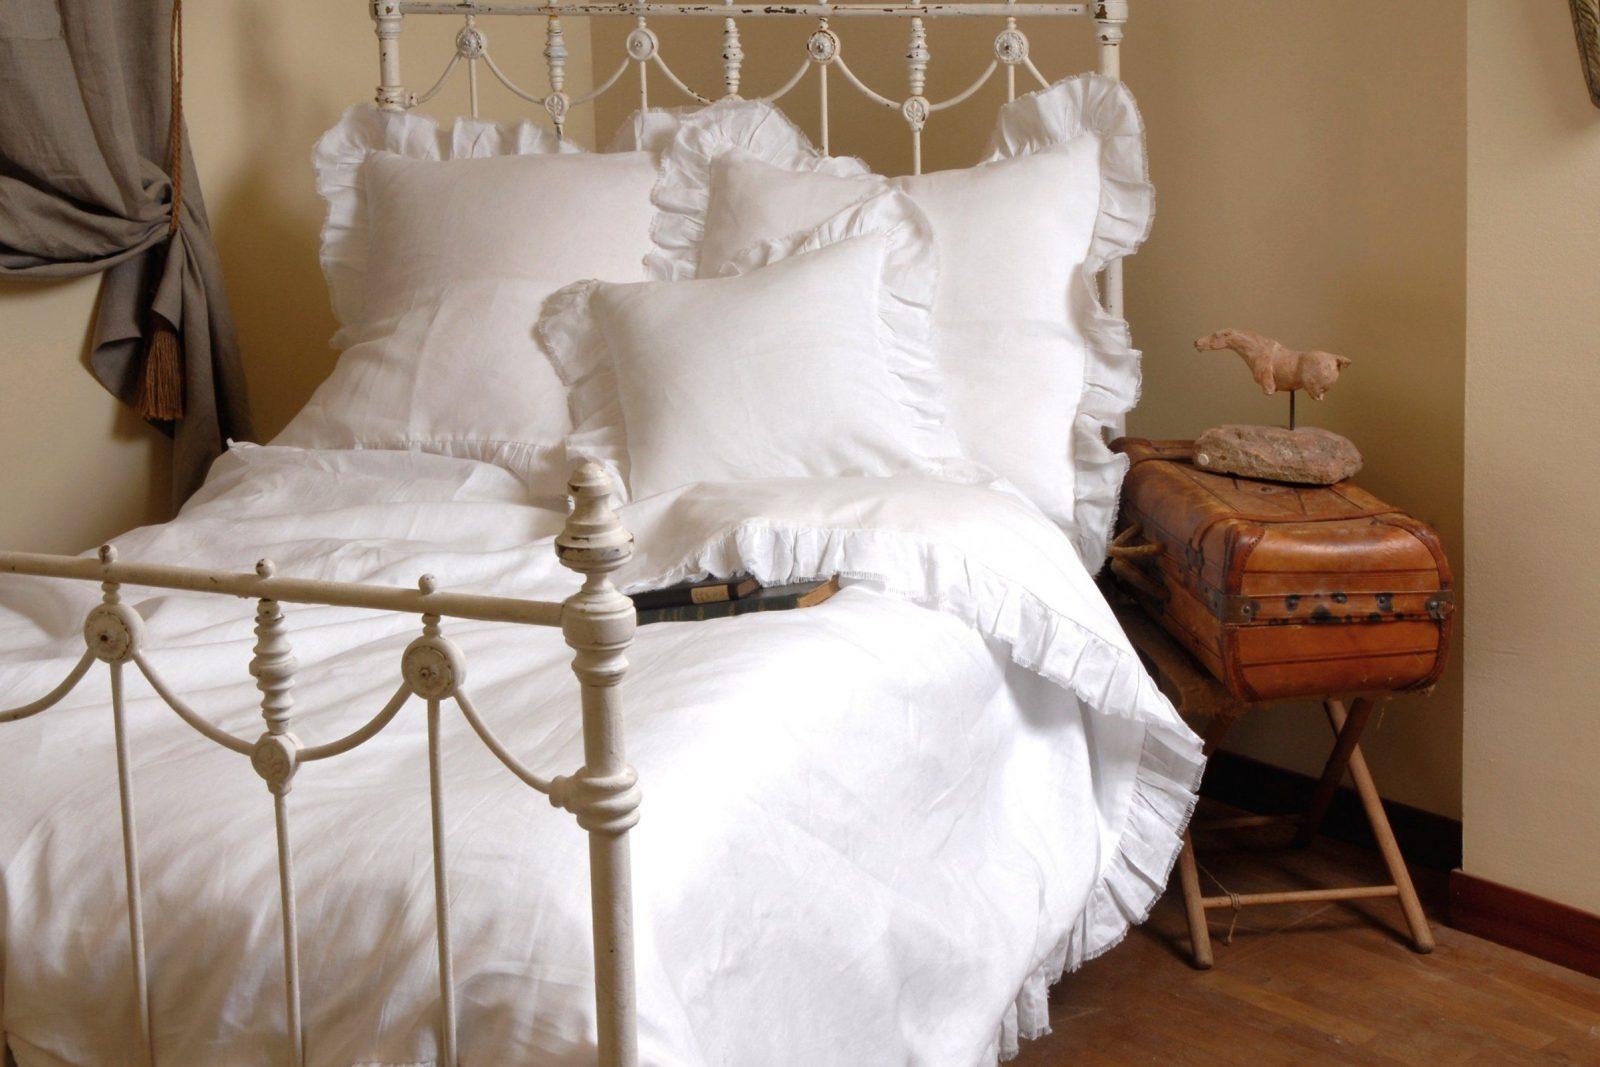 Charmante Ideen Weiße Bettwäsche Mit Rüschen Und Wunderbare Bdt Das von Weiße Bettwäsche Mit Rüschen Bild